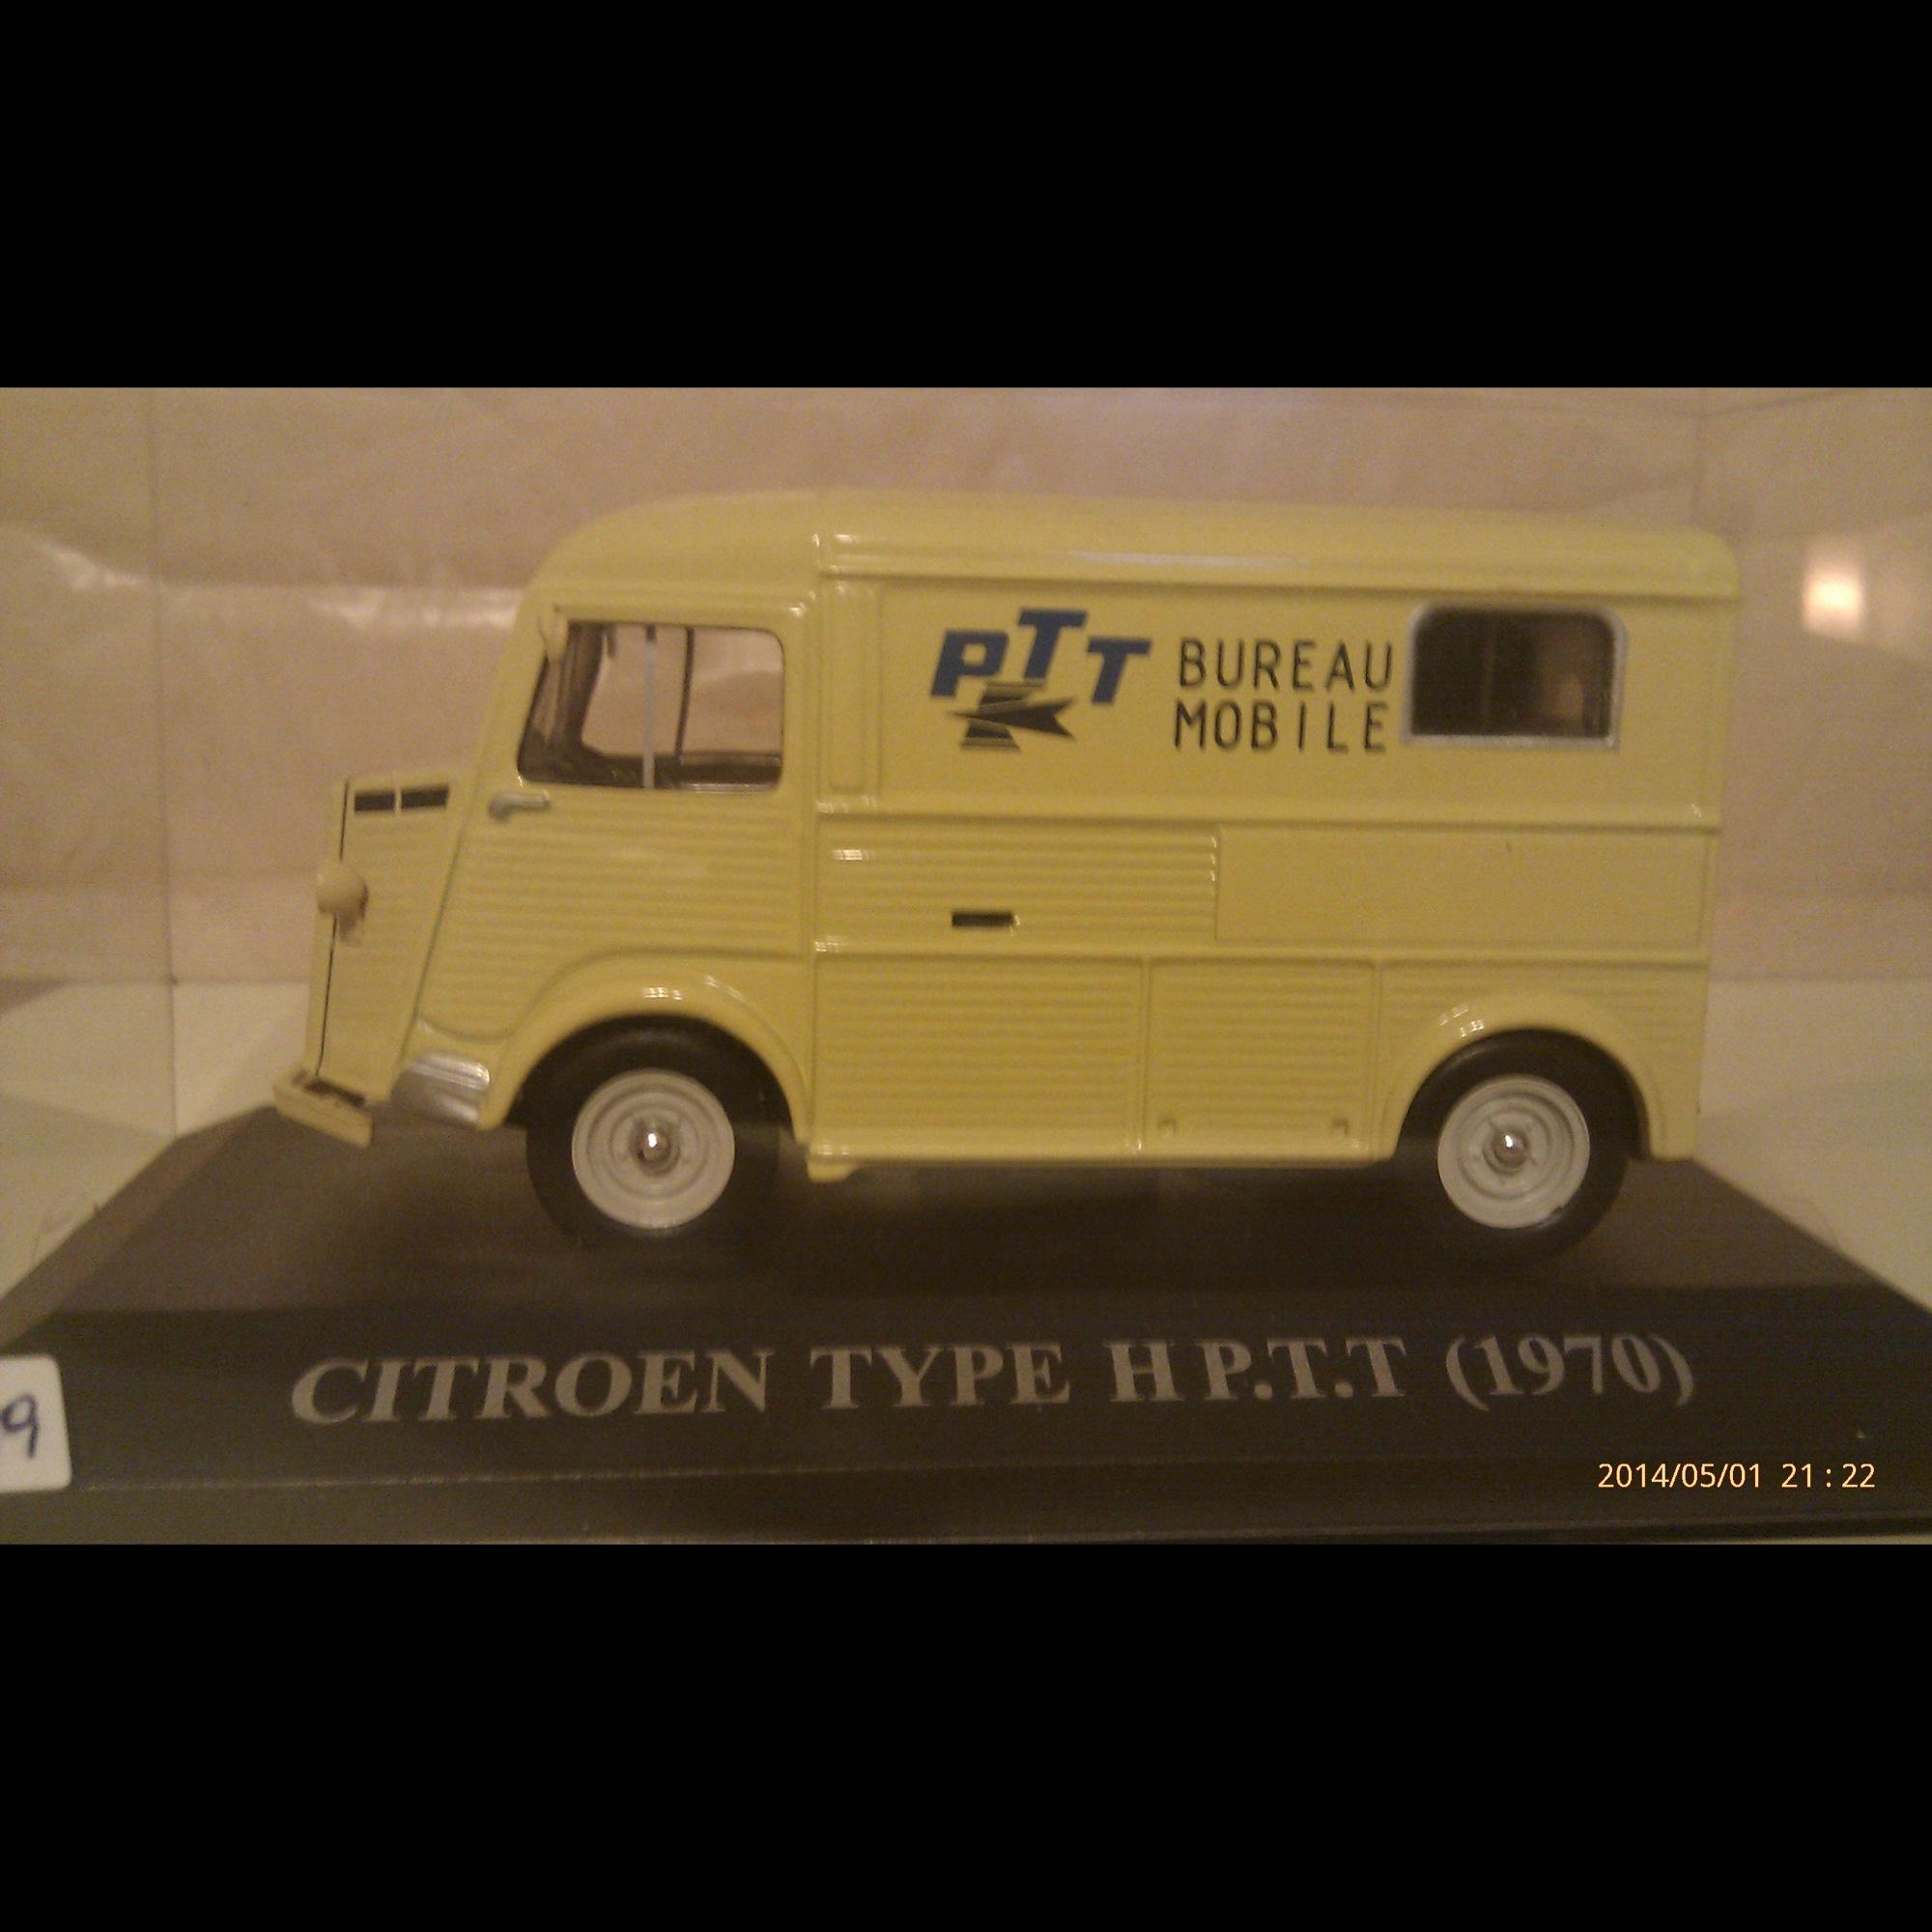 Citroen Type H (1970) PTT